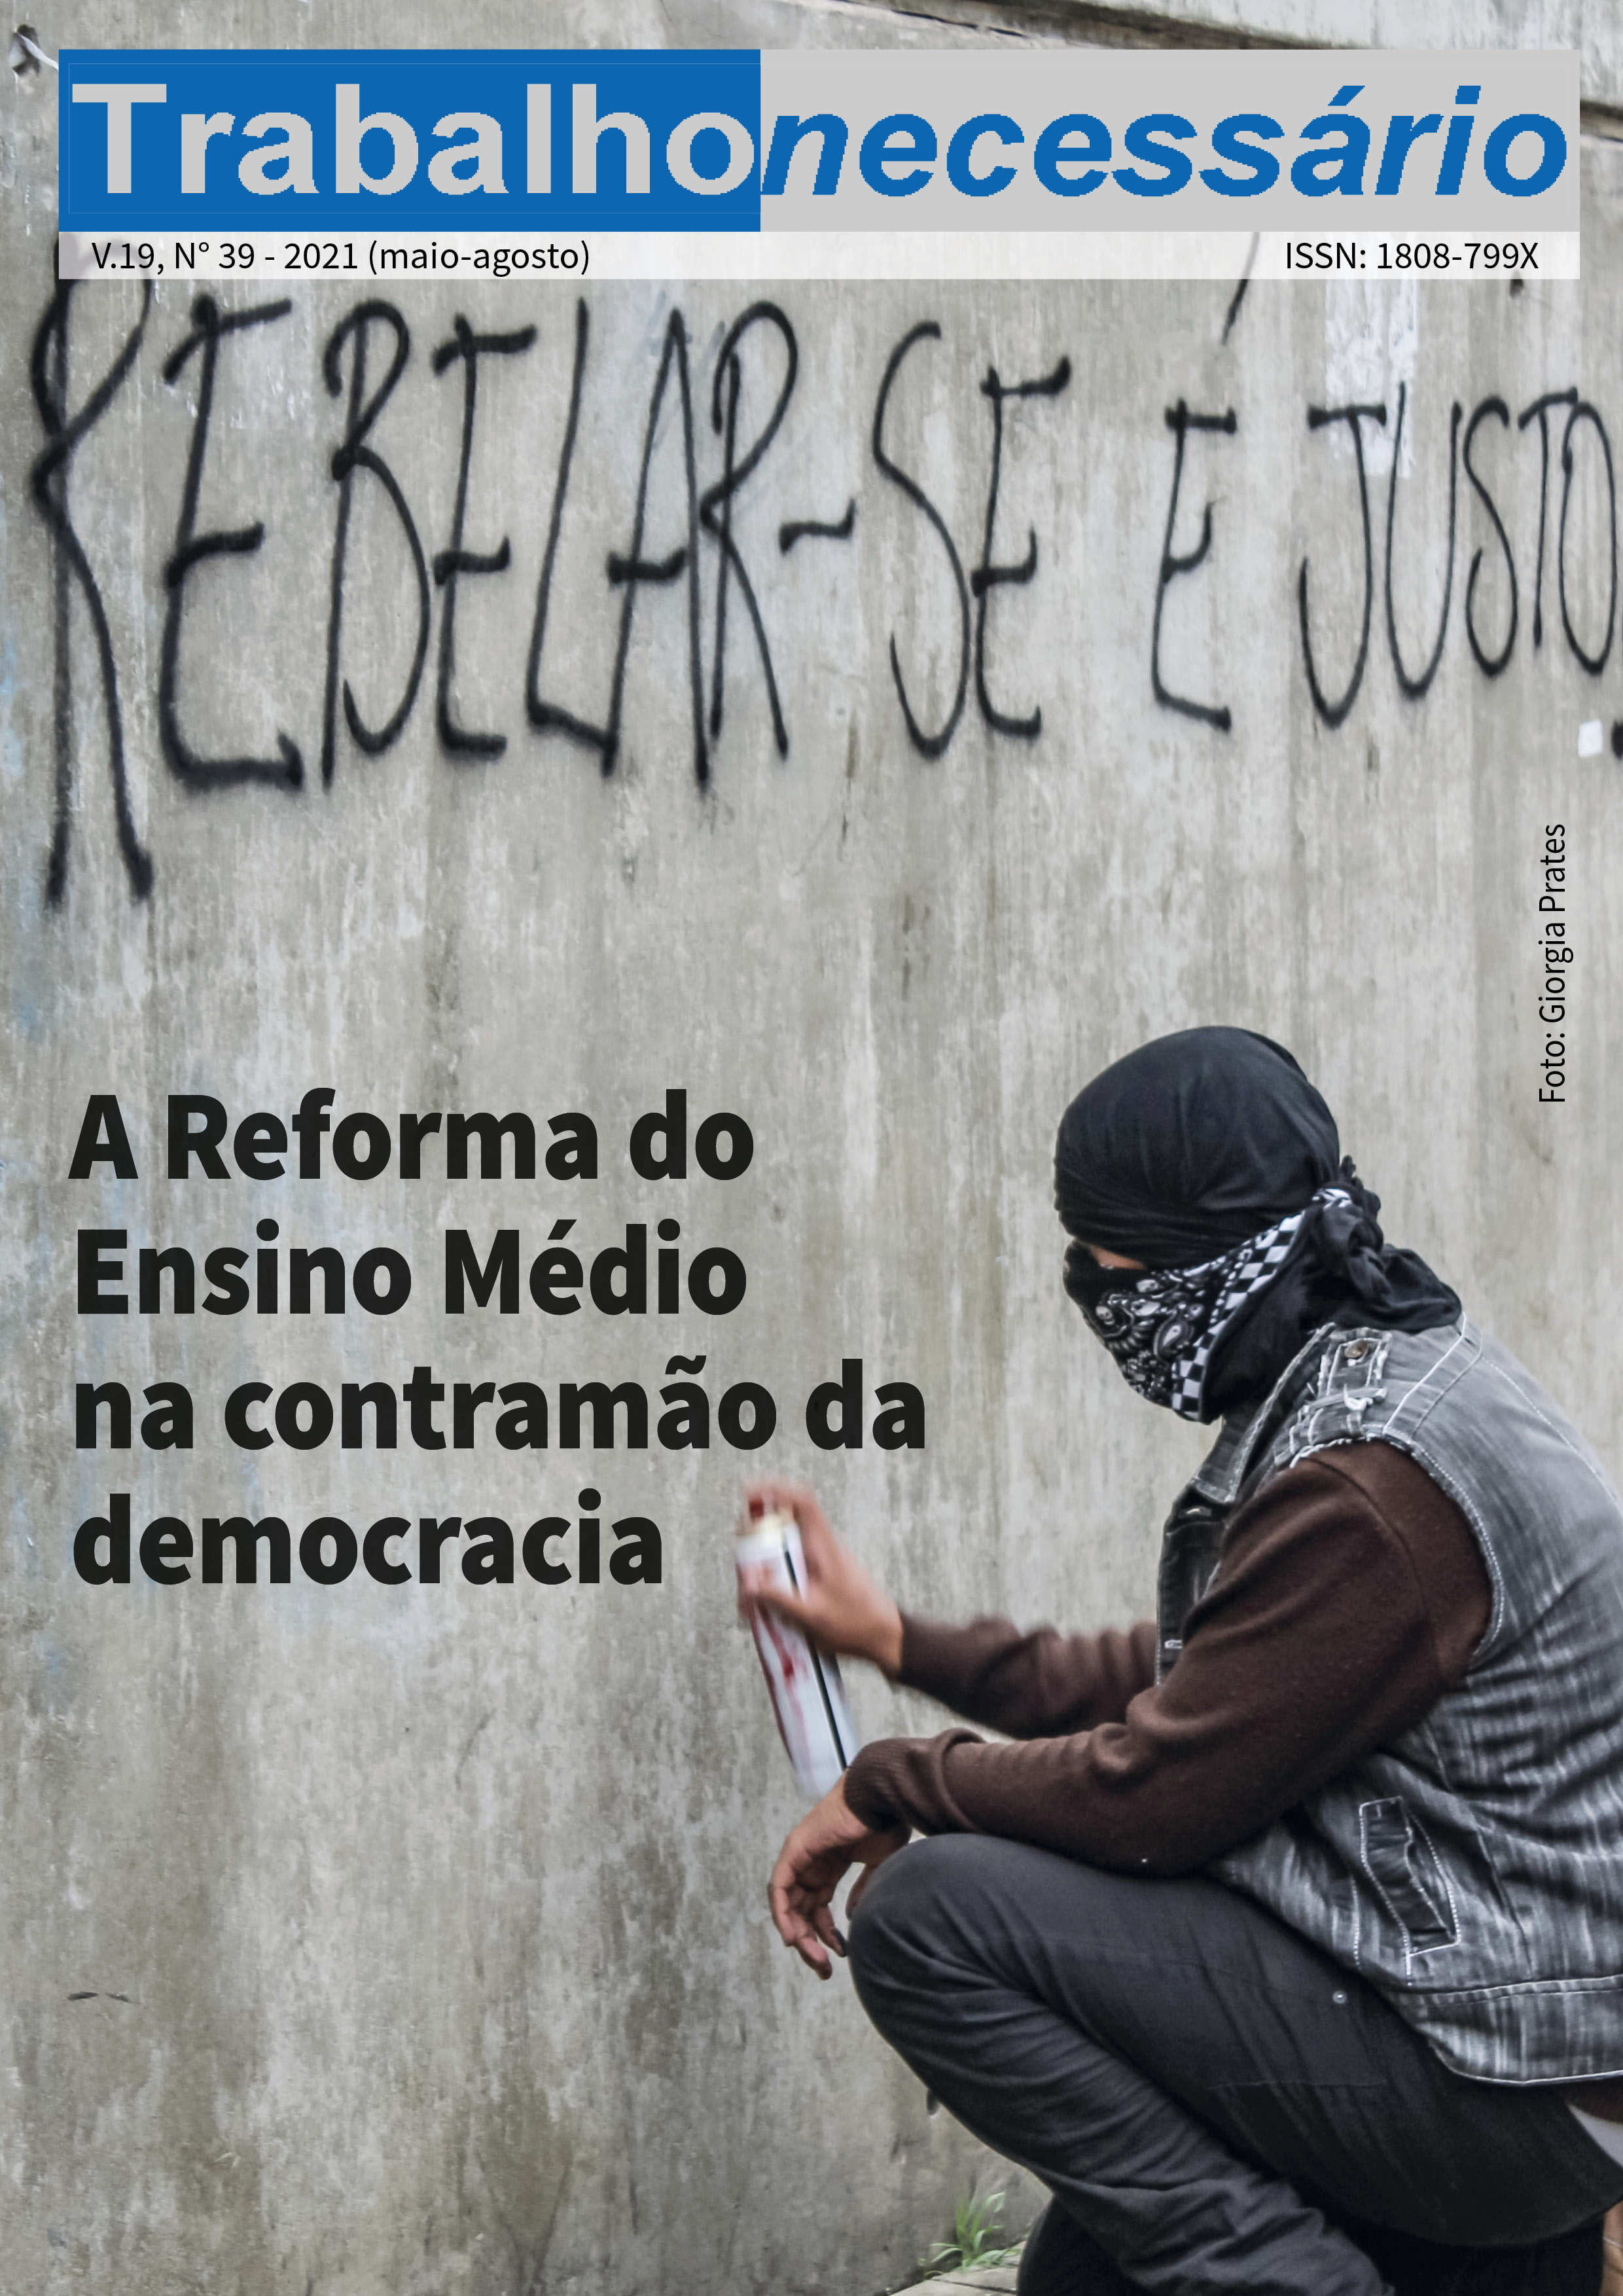 Visualizar v. 19 n. 39 (2021): A reforma do Ensino Médio na contramão da democracia.